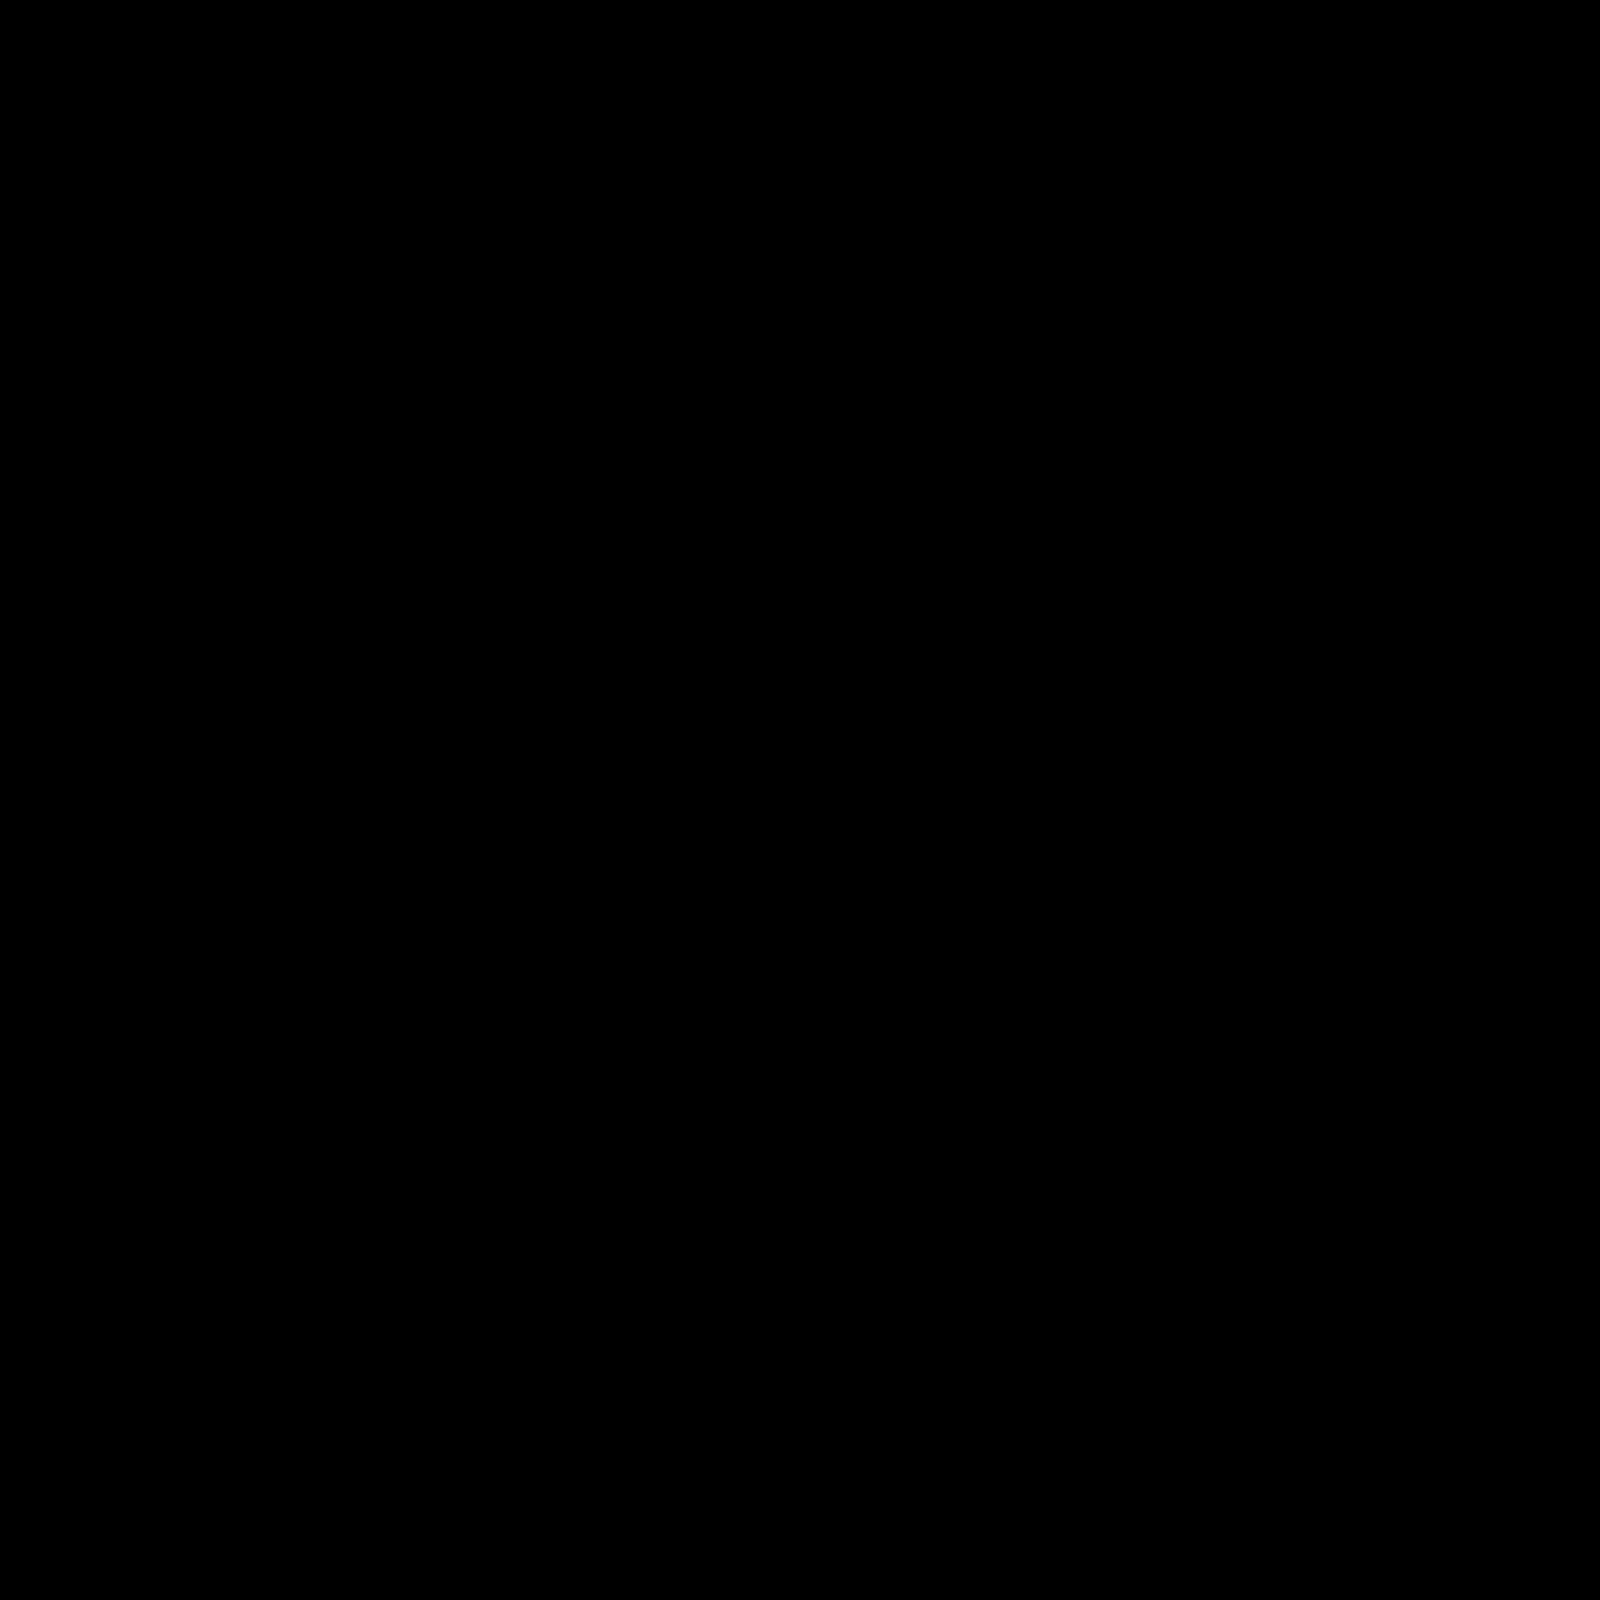 Wąsy Asterixa icon